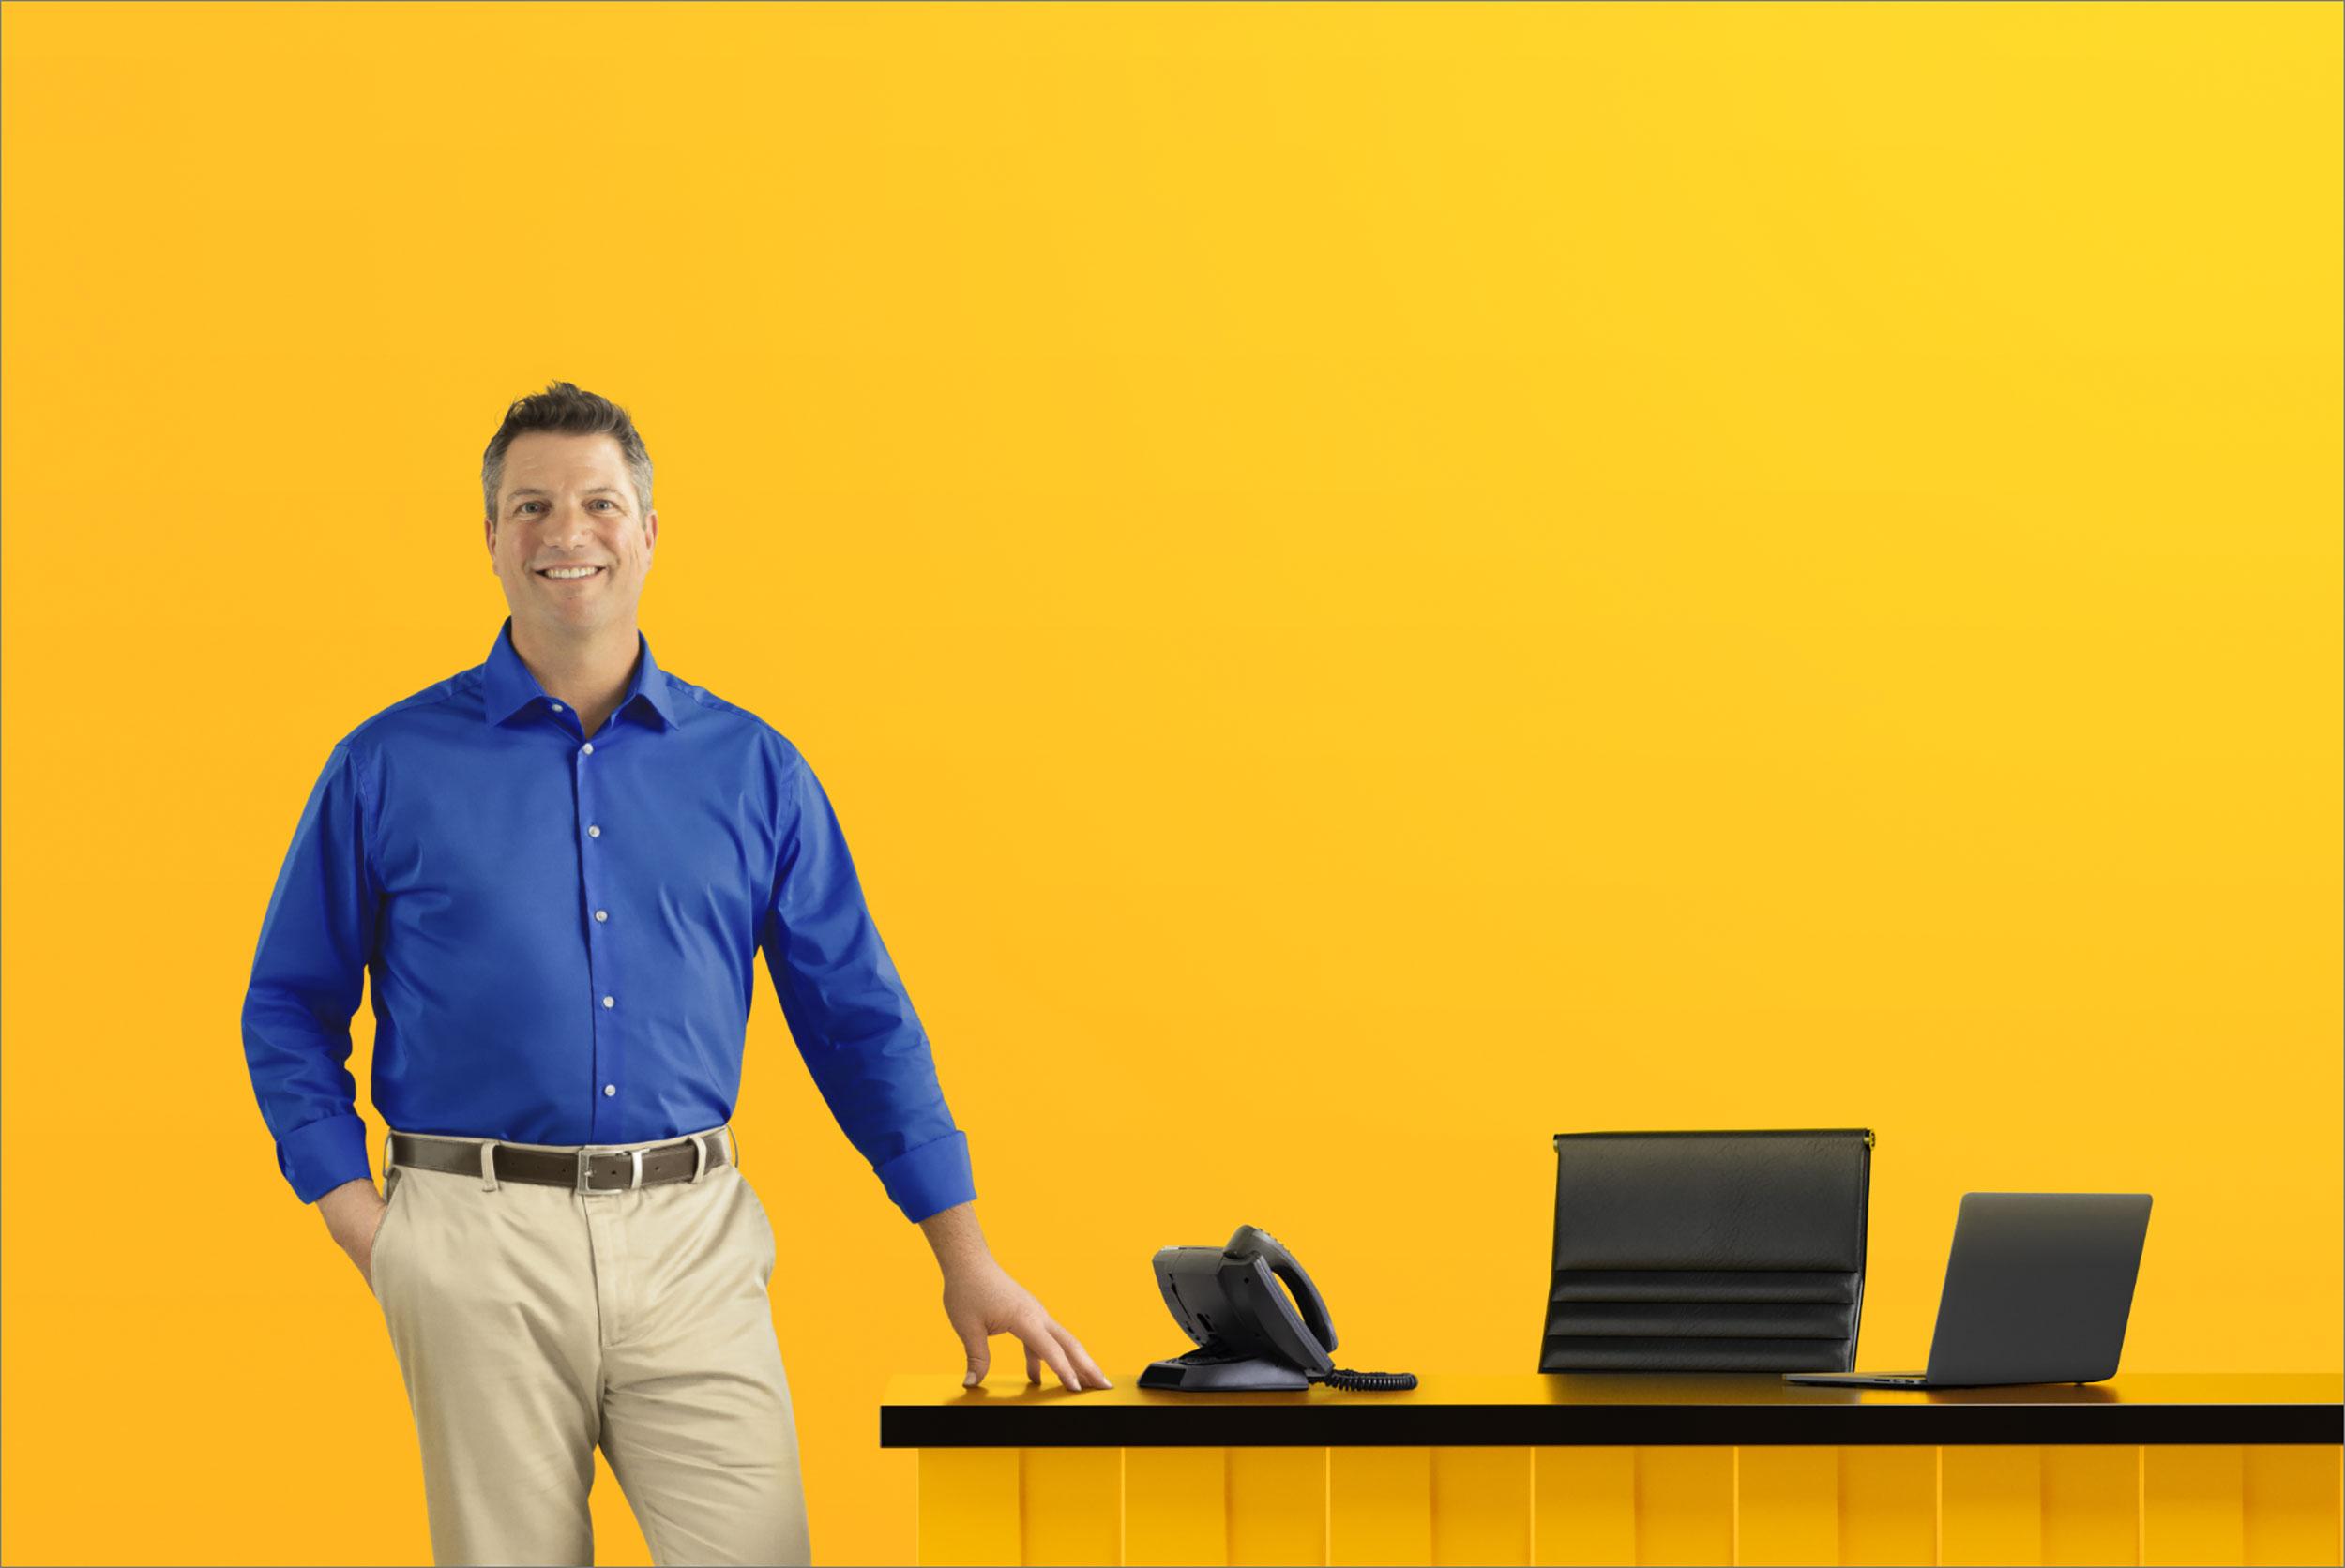 salesperson next to desk